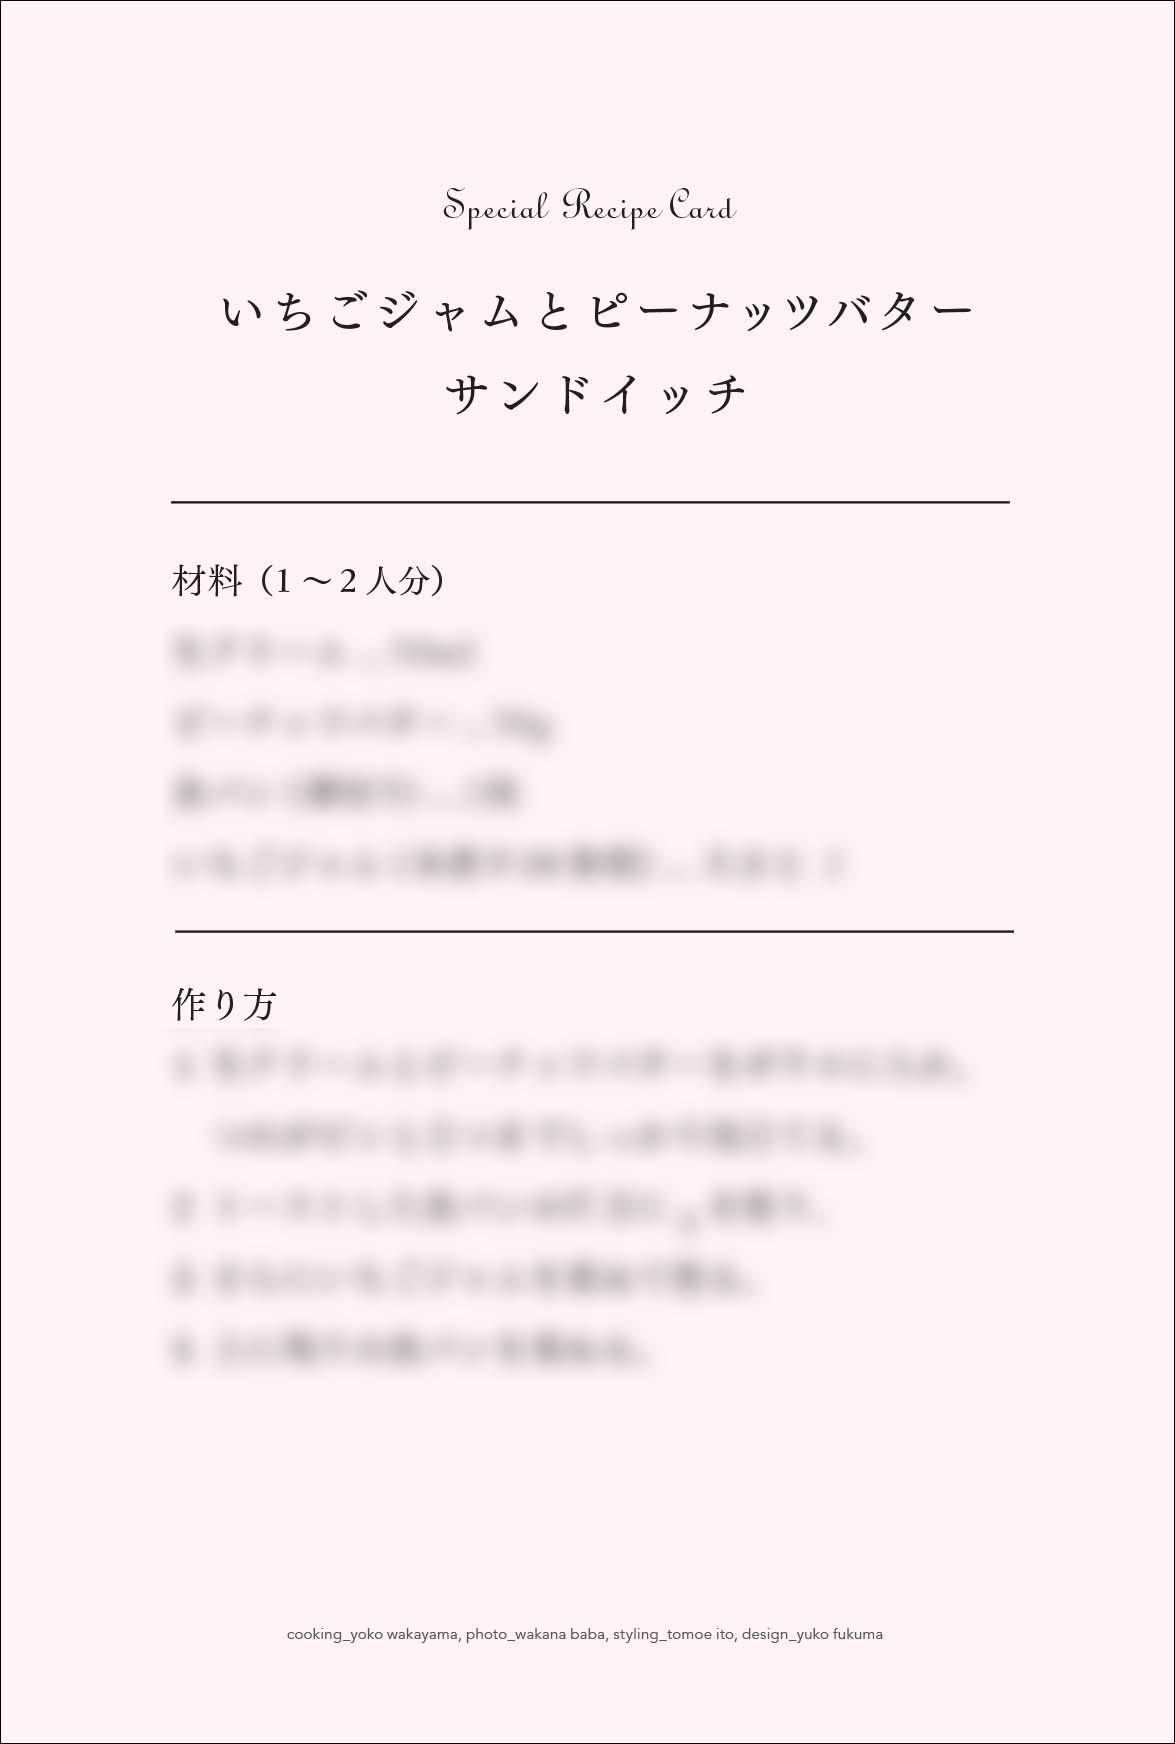 ichigo_hagaki_0127